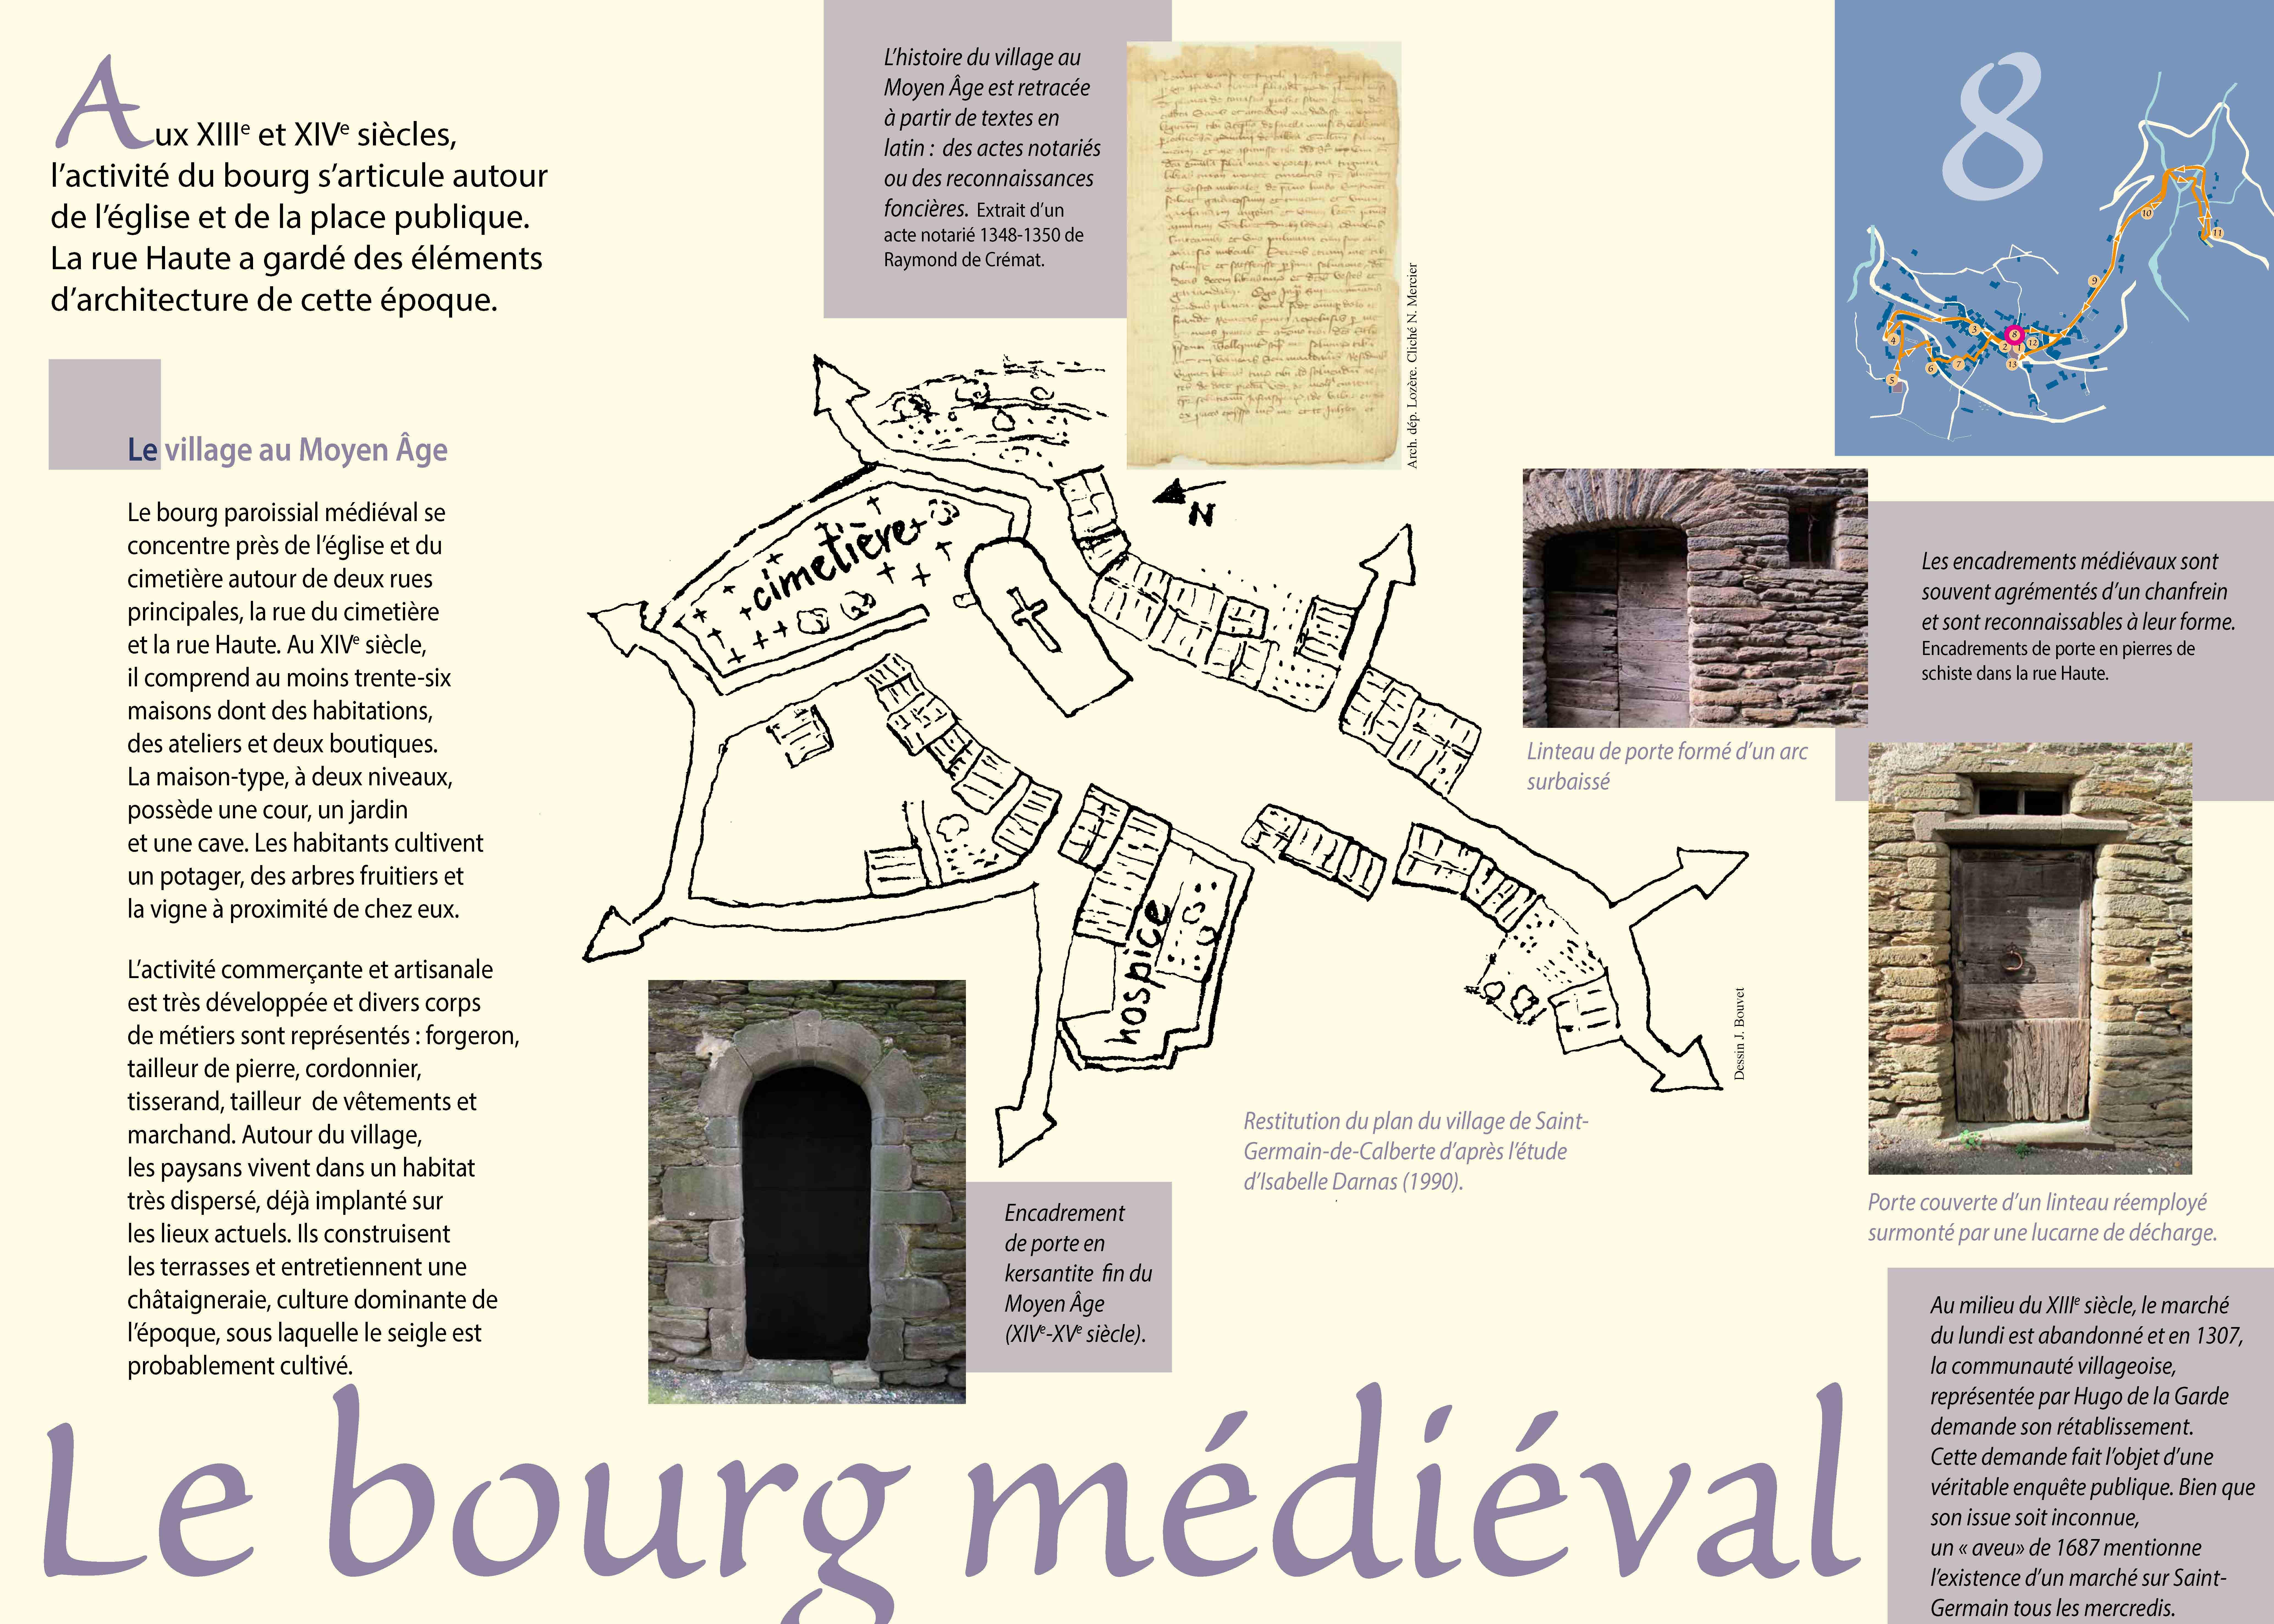 Le bourg médiéval de Saint-Germain-de-Calberte